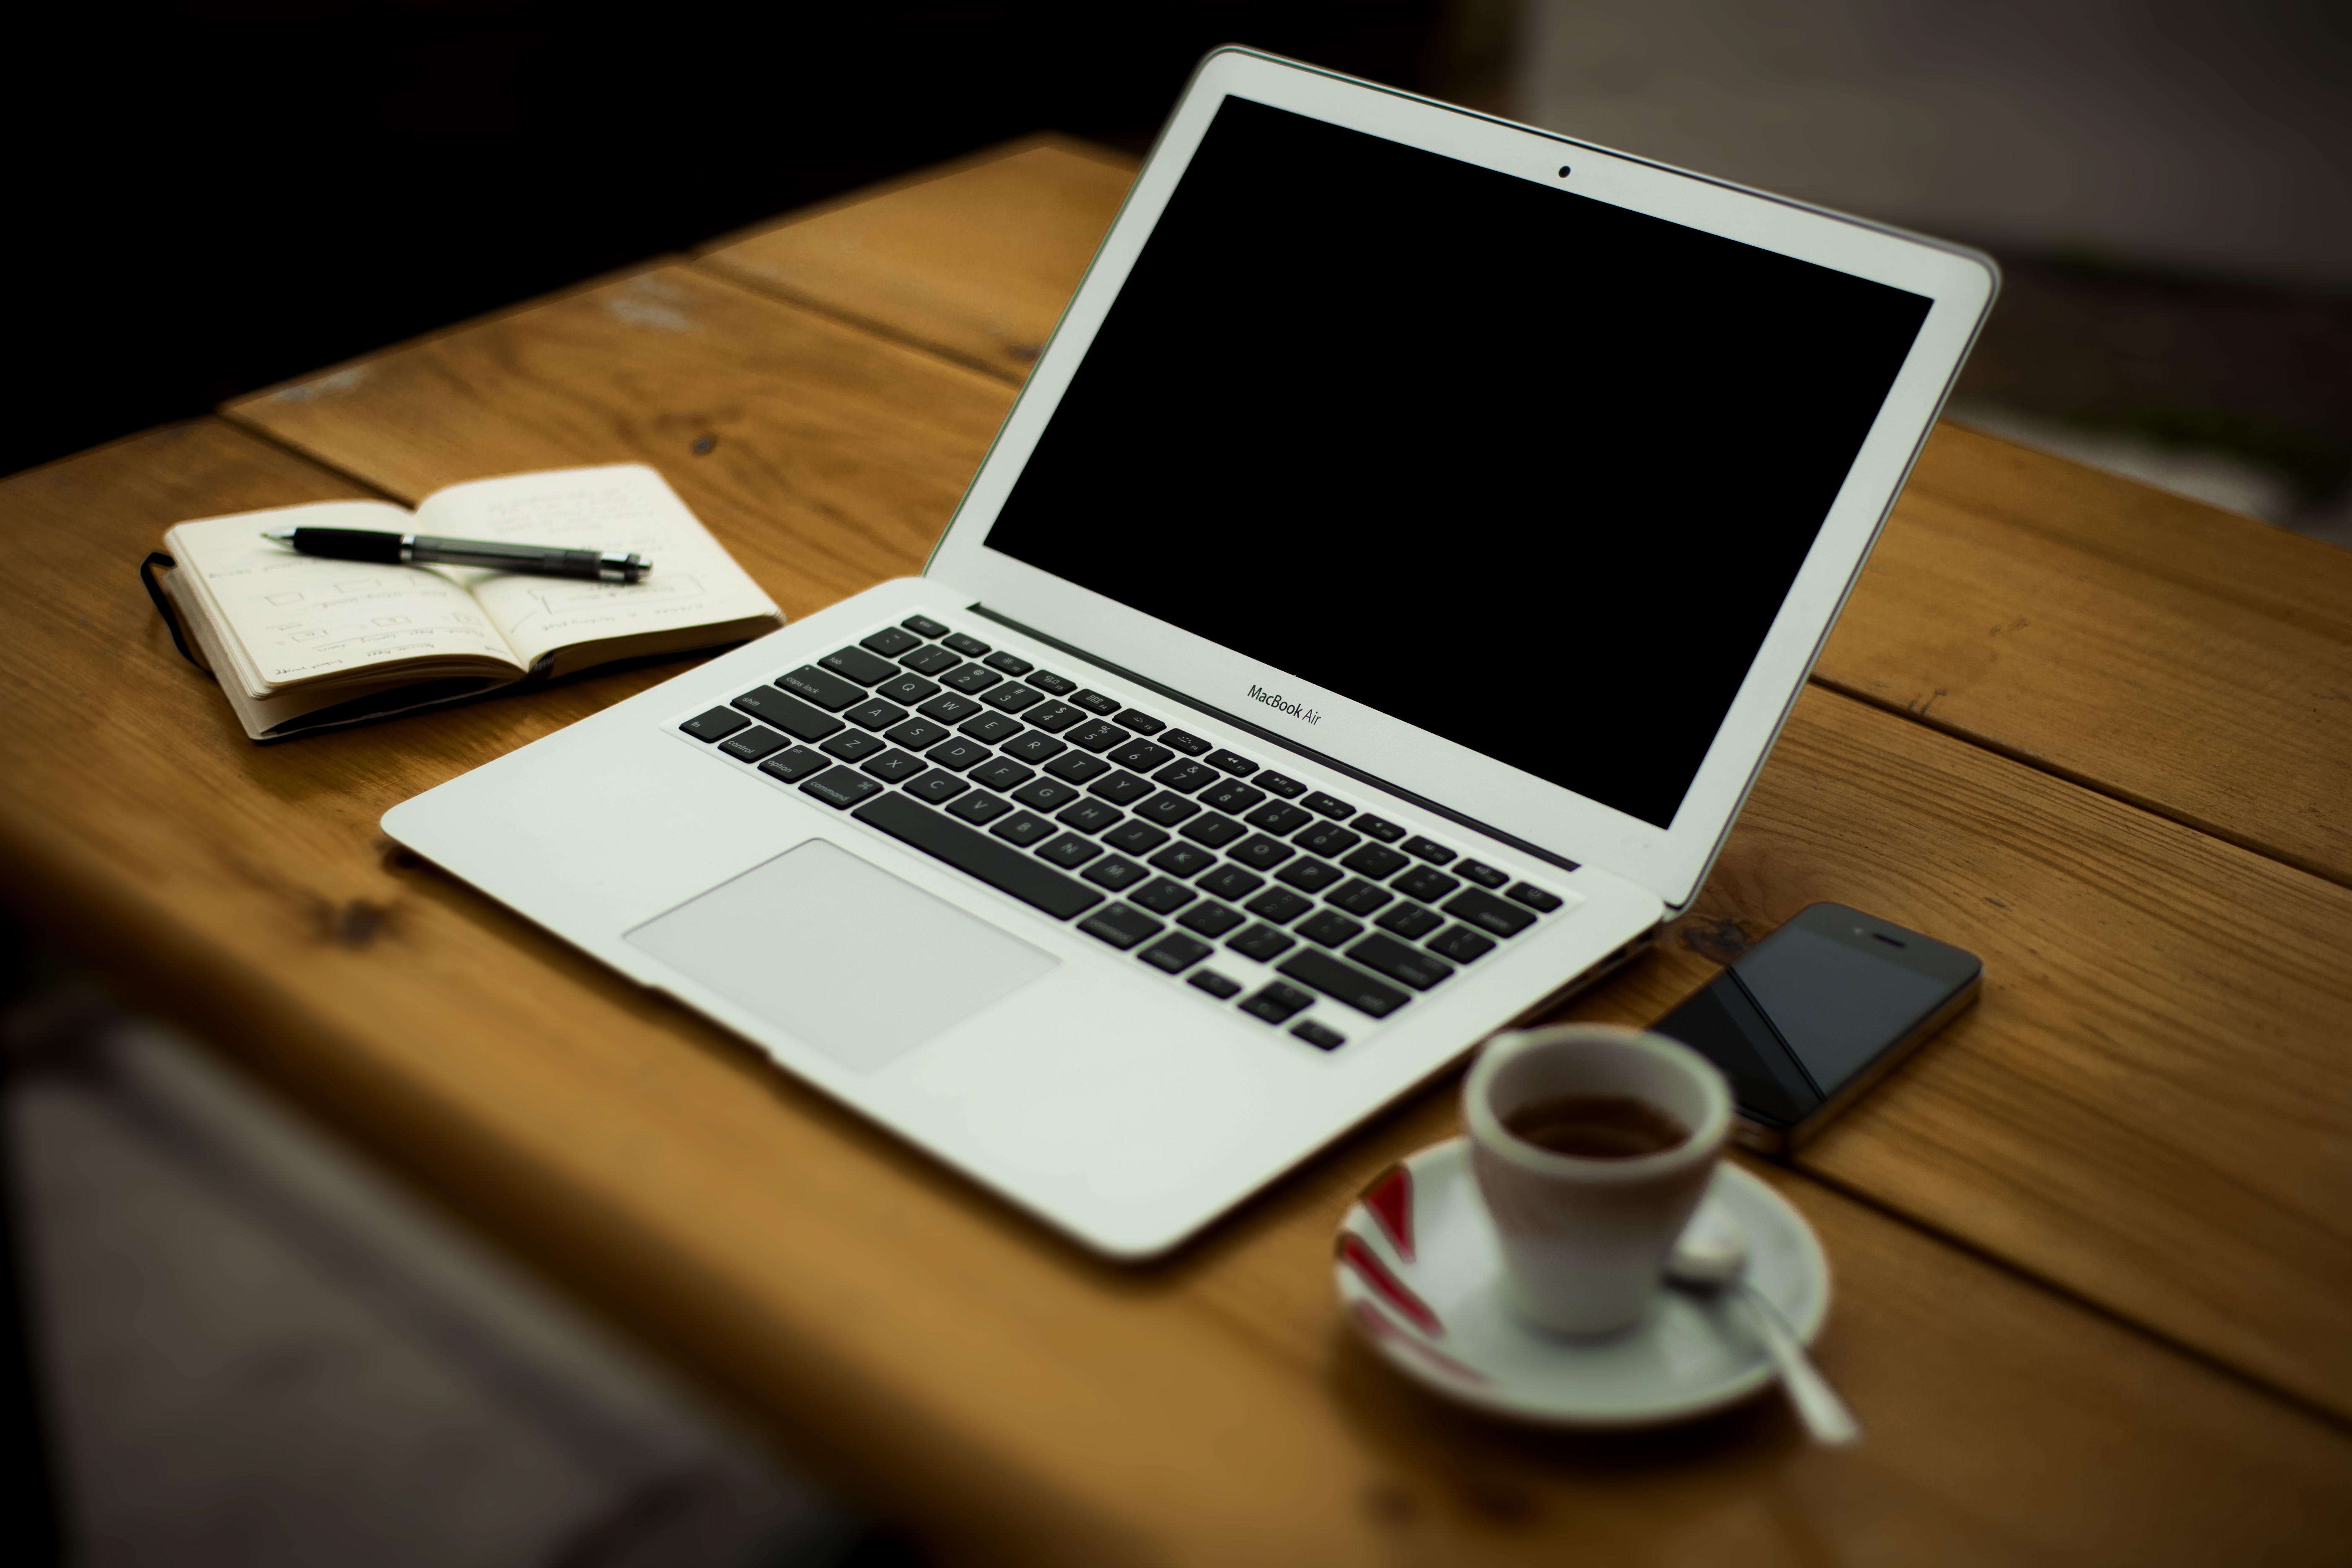 Online Beratung - Psychologische Beratung Online